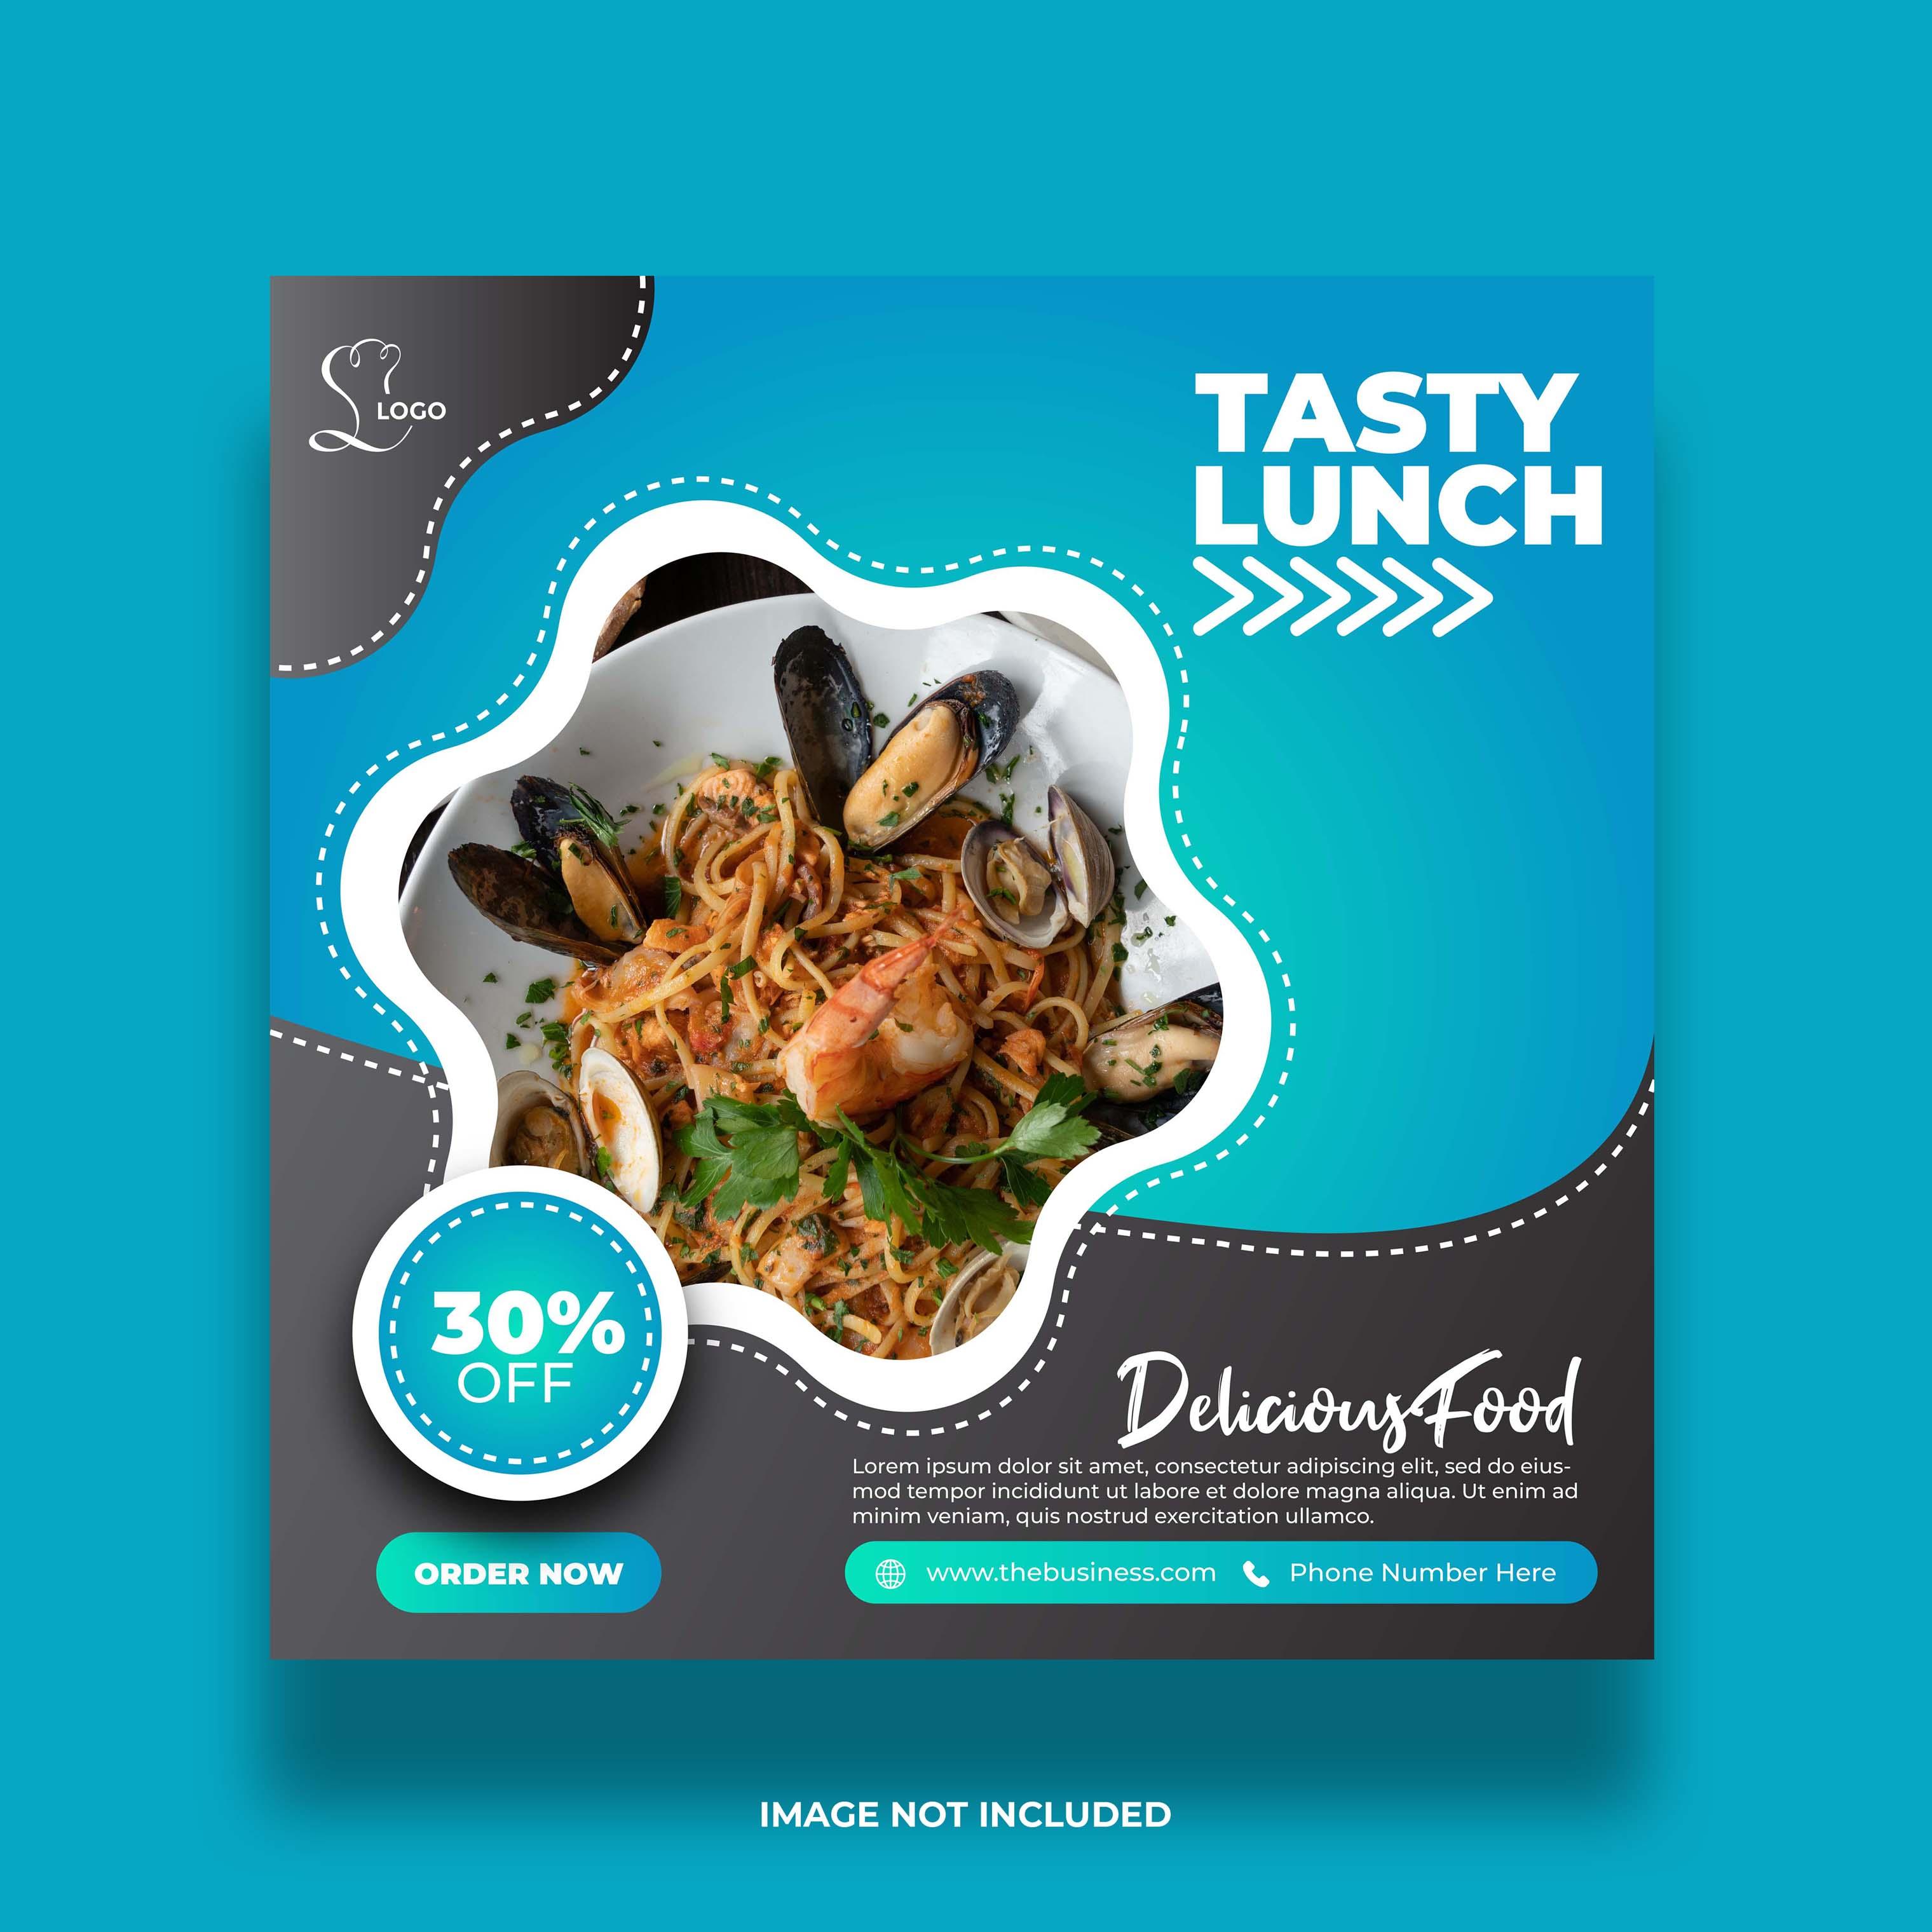 restaurante comida almoço saboroso banner de mídia social para postagem